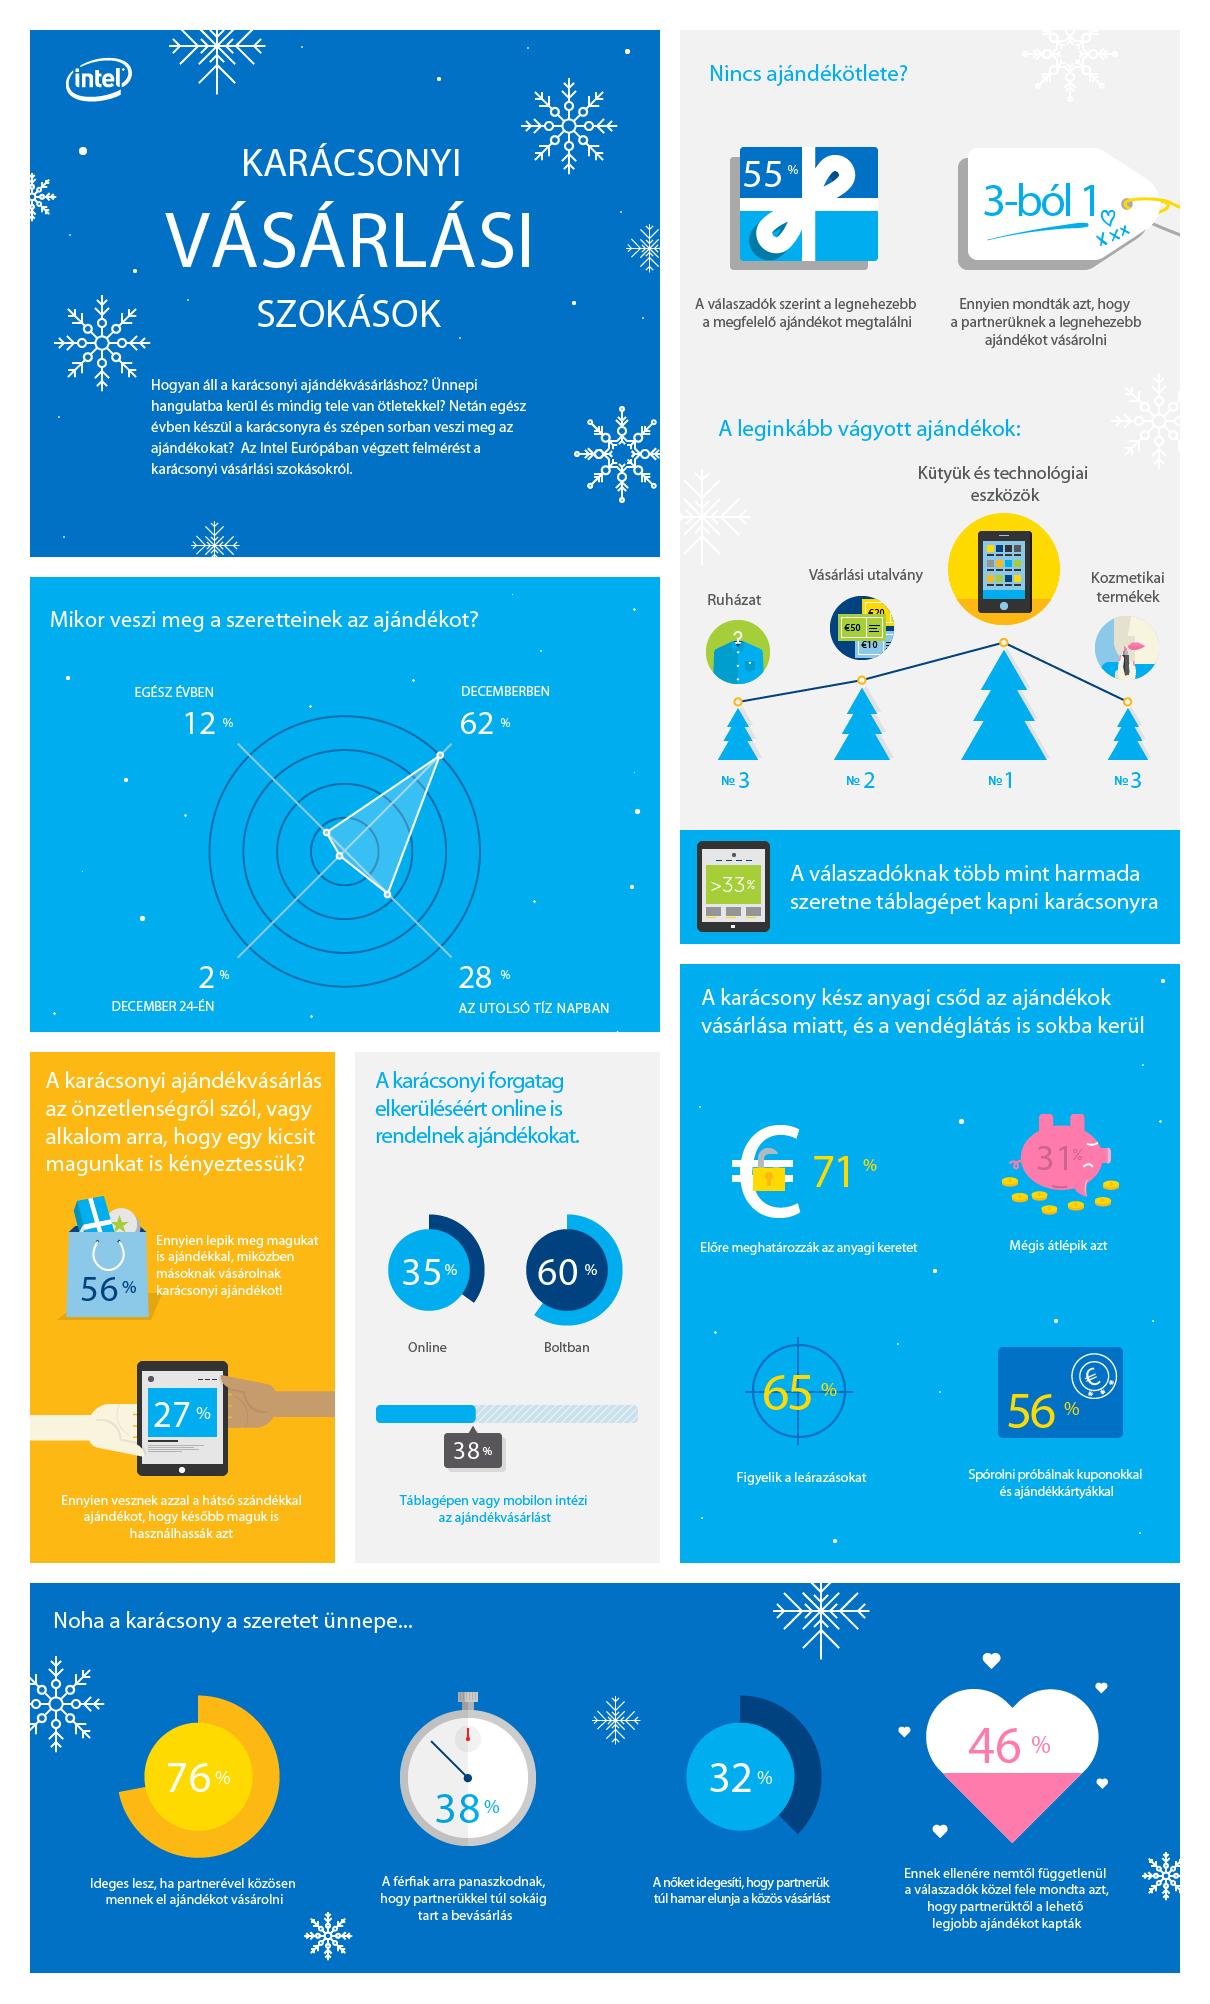 Karácsonyi Vasárlási Szokasok Intel felmérés_Infografika.jpg